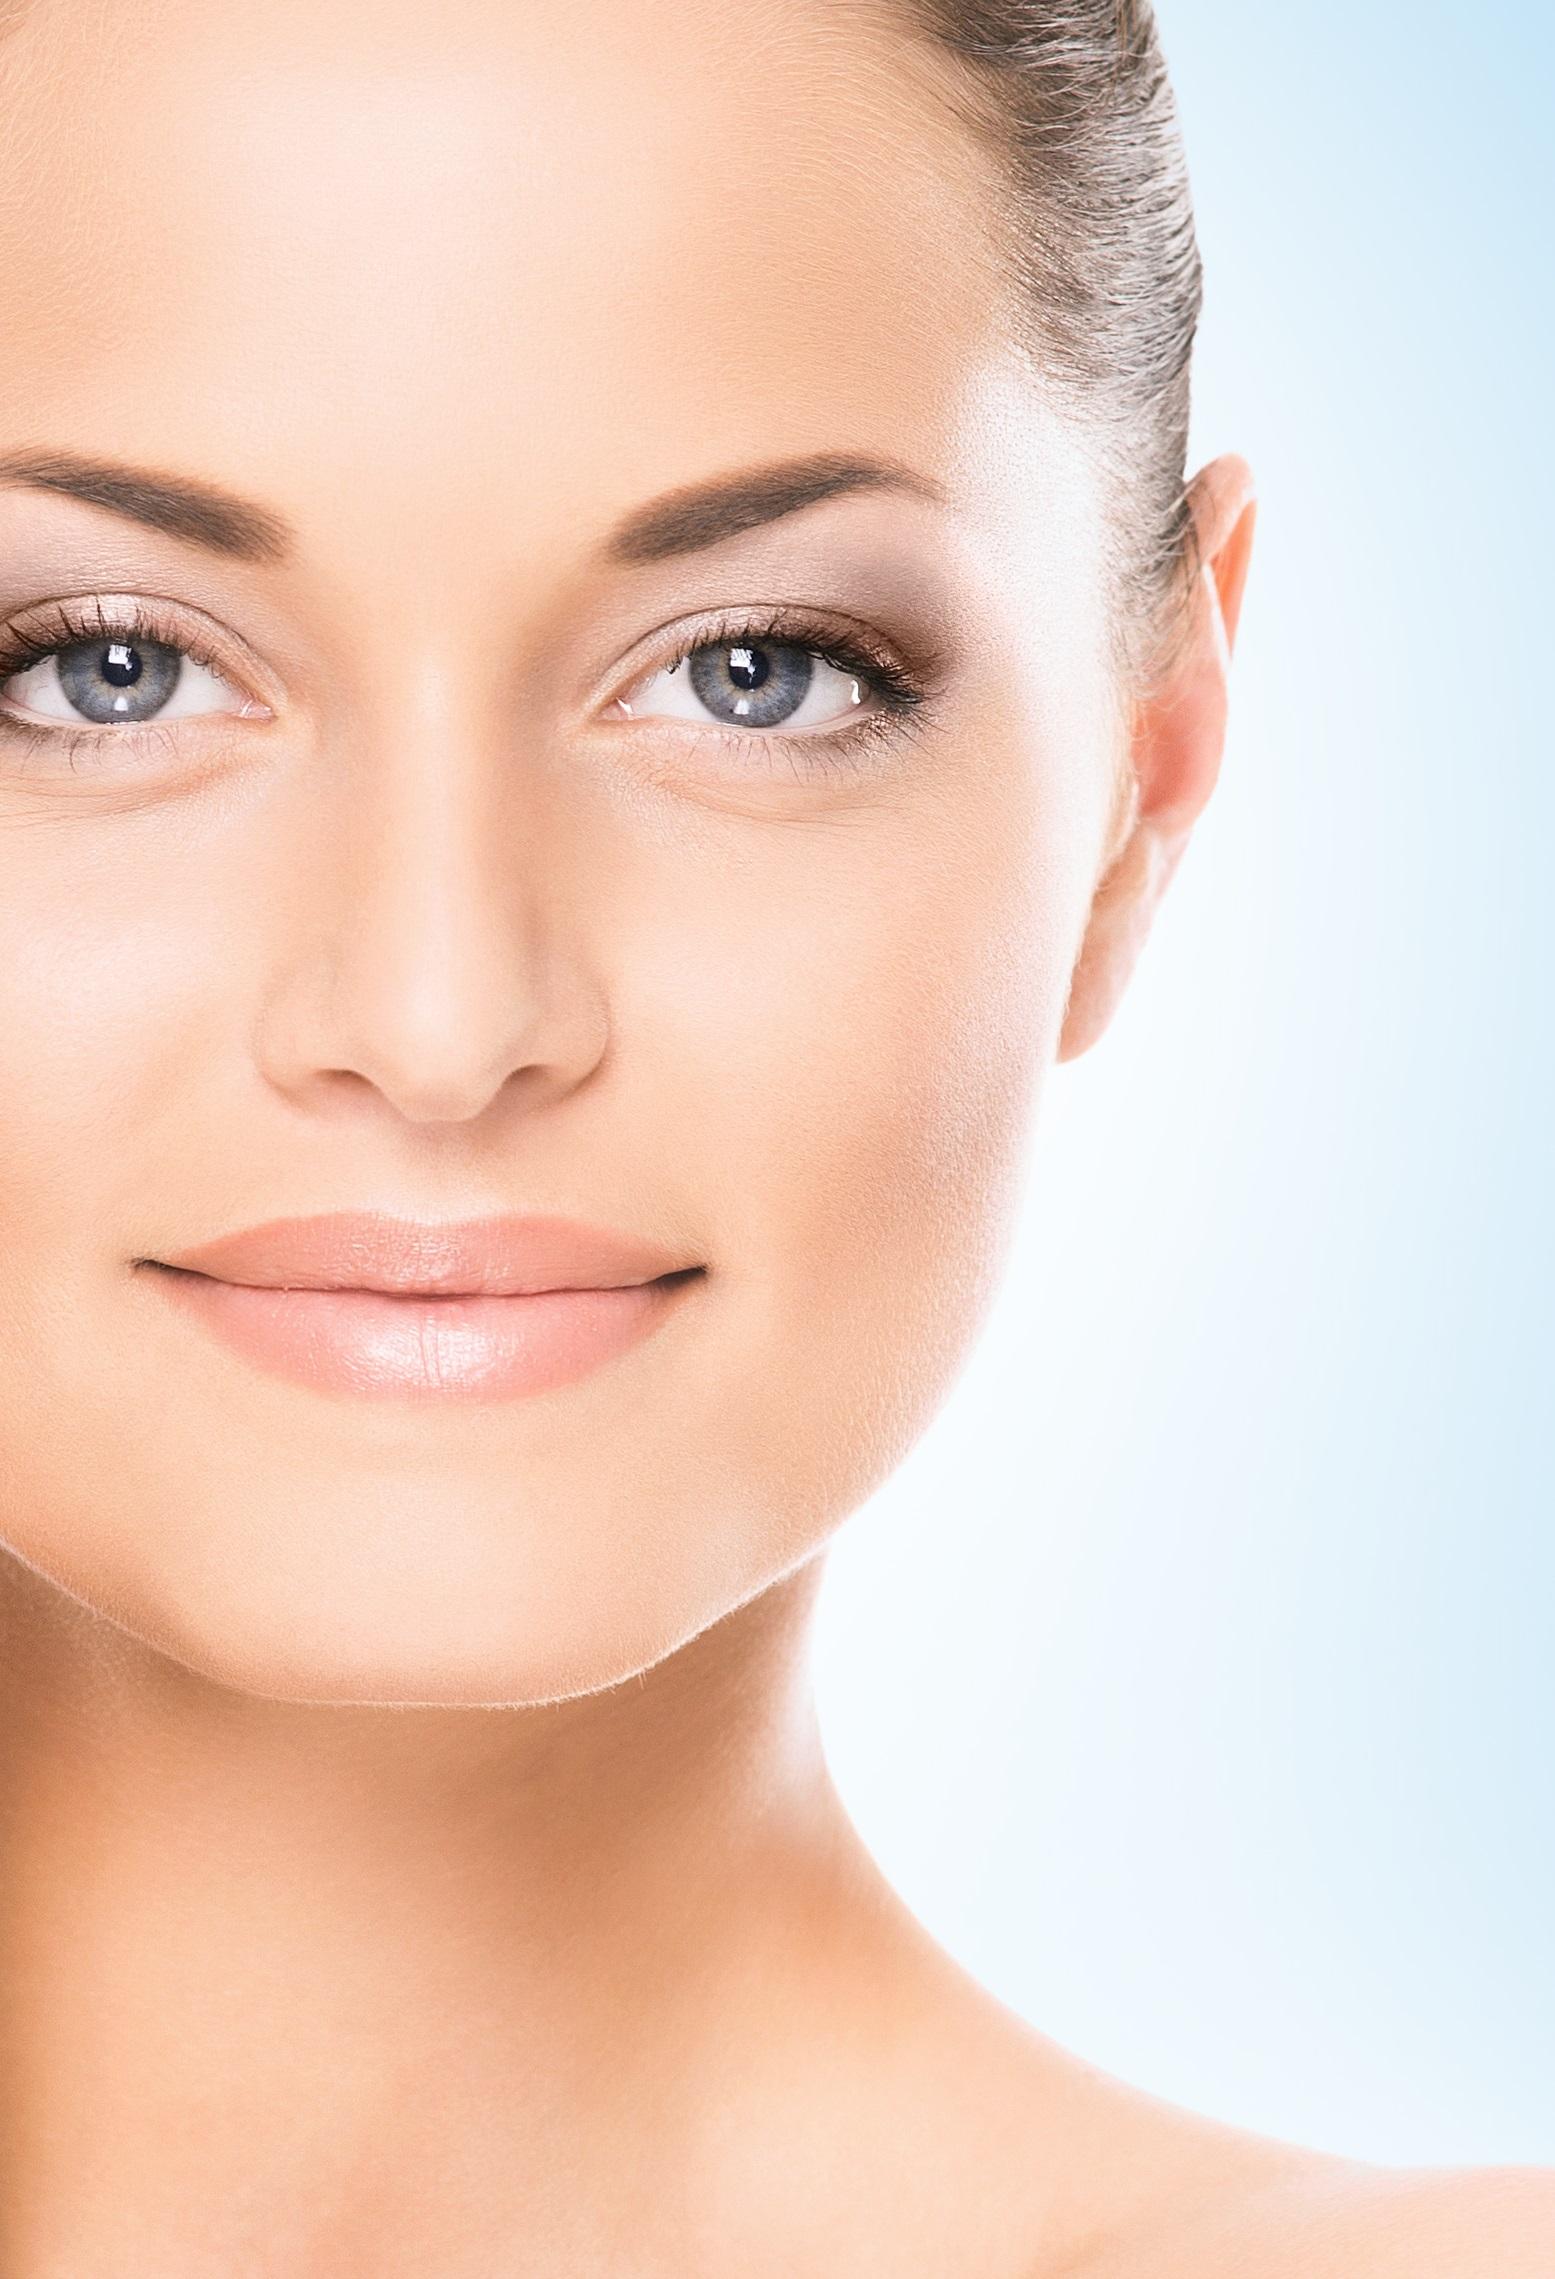 Чувственные сексуальные губы без морщин – как этого достичь?